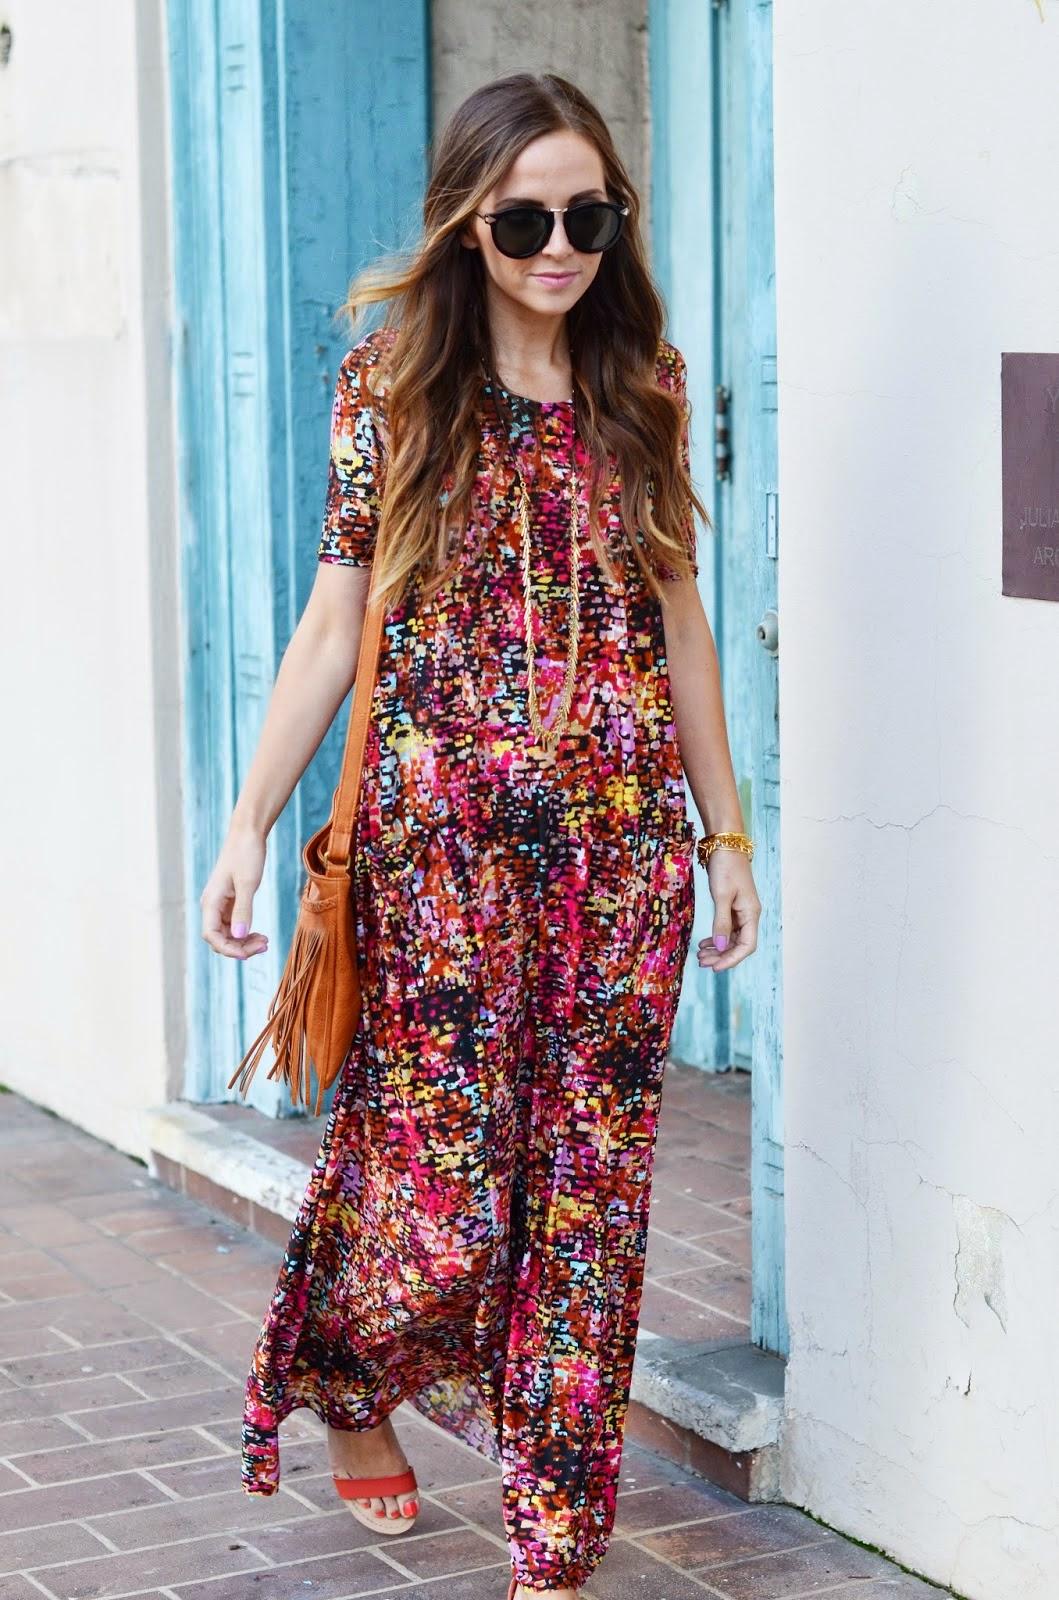 roupas femininas vestido longo com bolsa de franjas